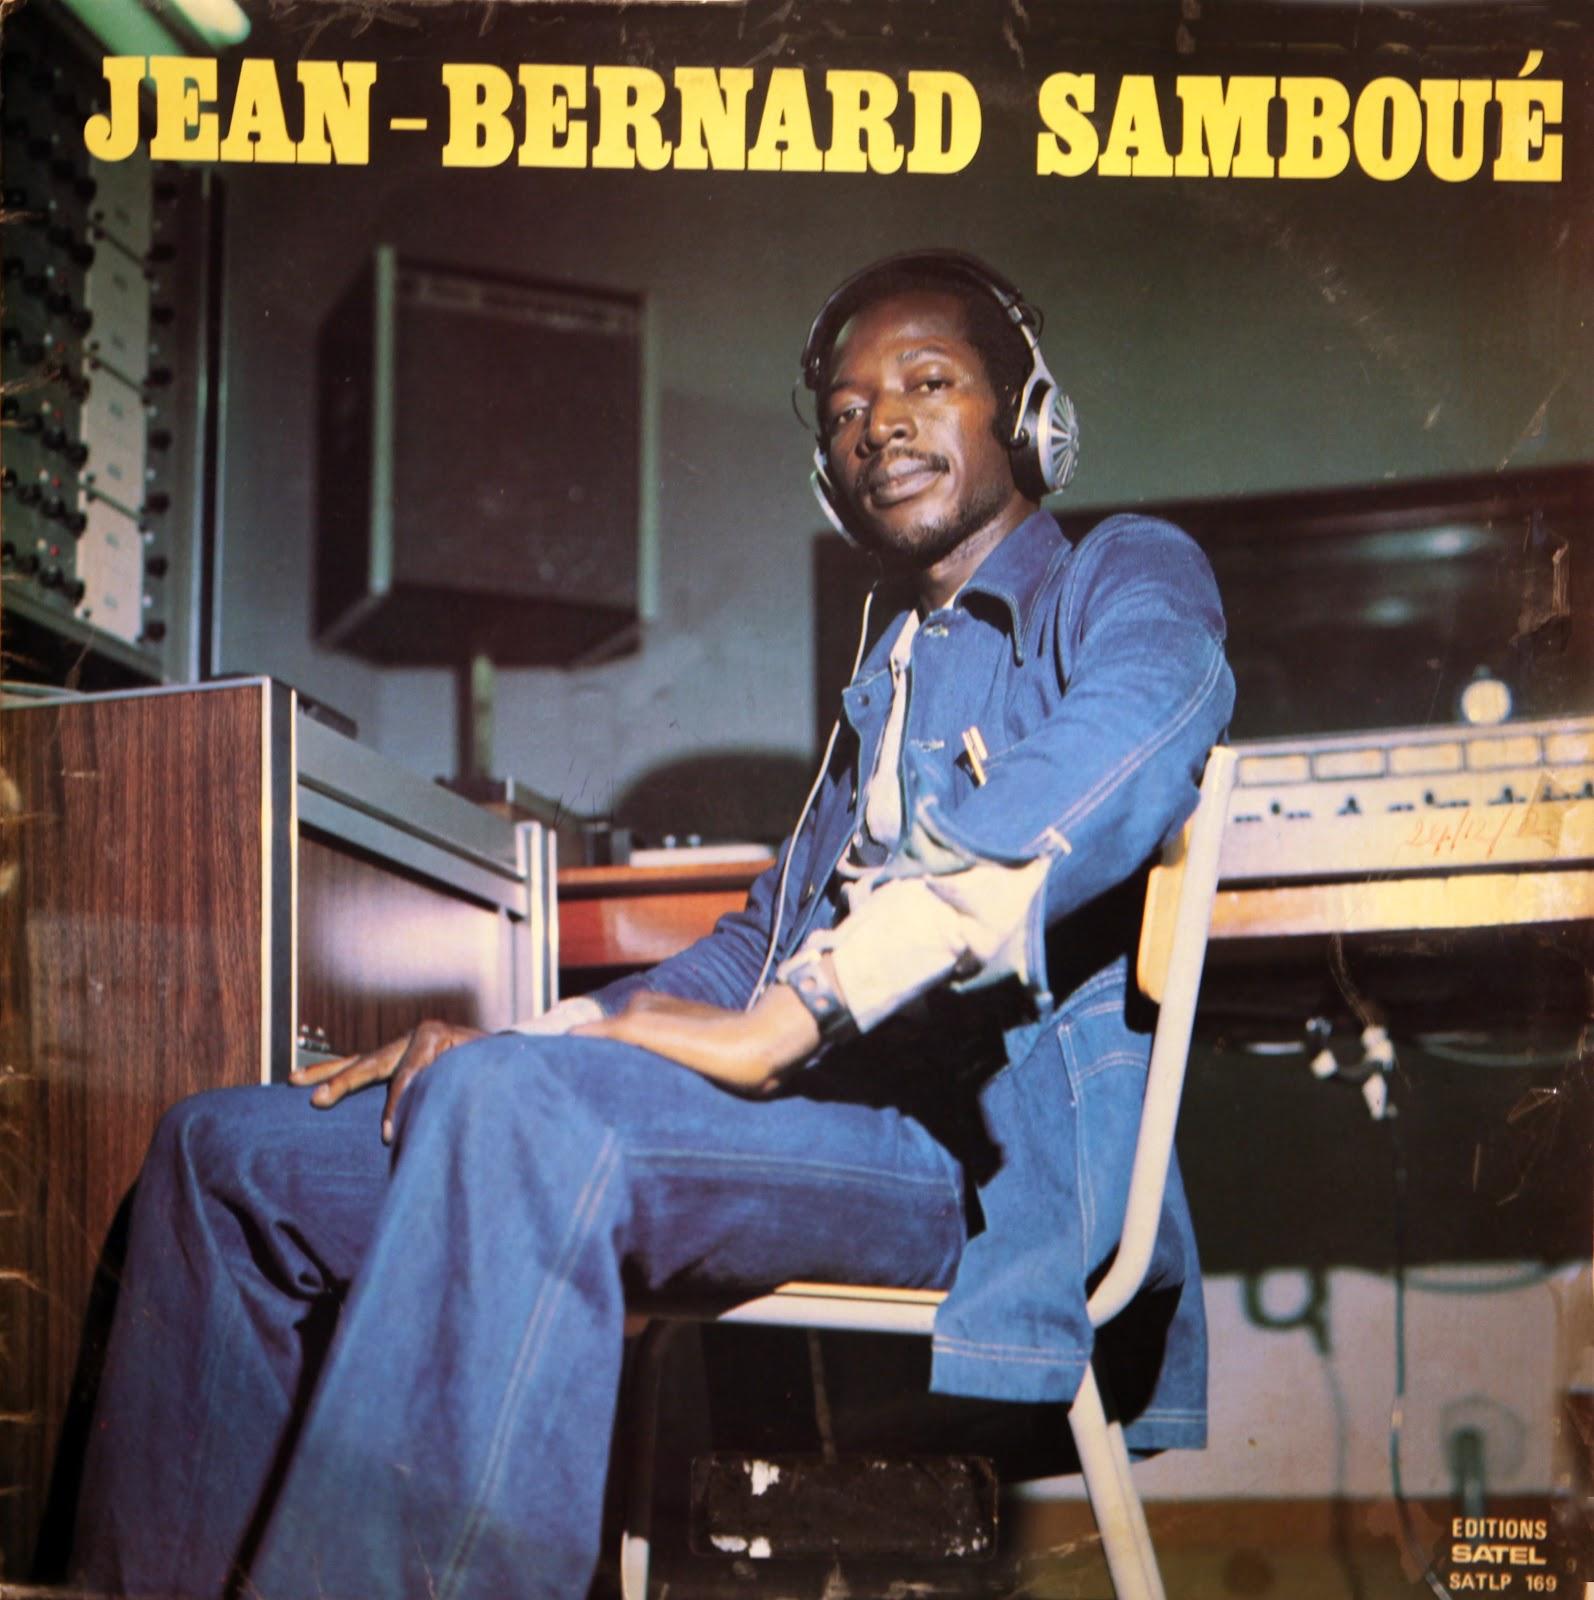 oro: Jean Bernard Samboué (Burkina-Faso/1978)